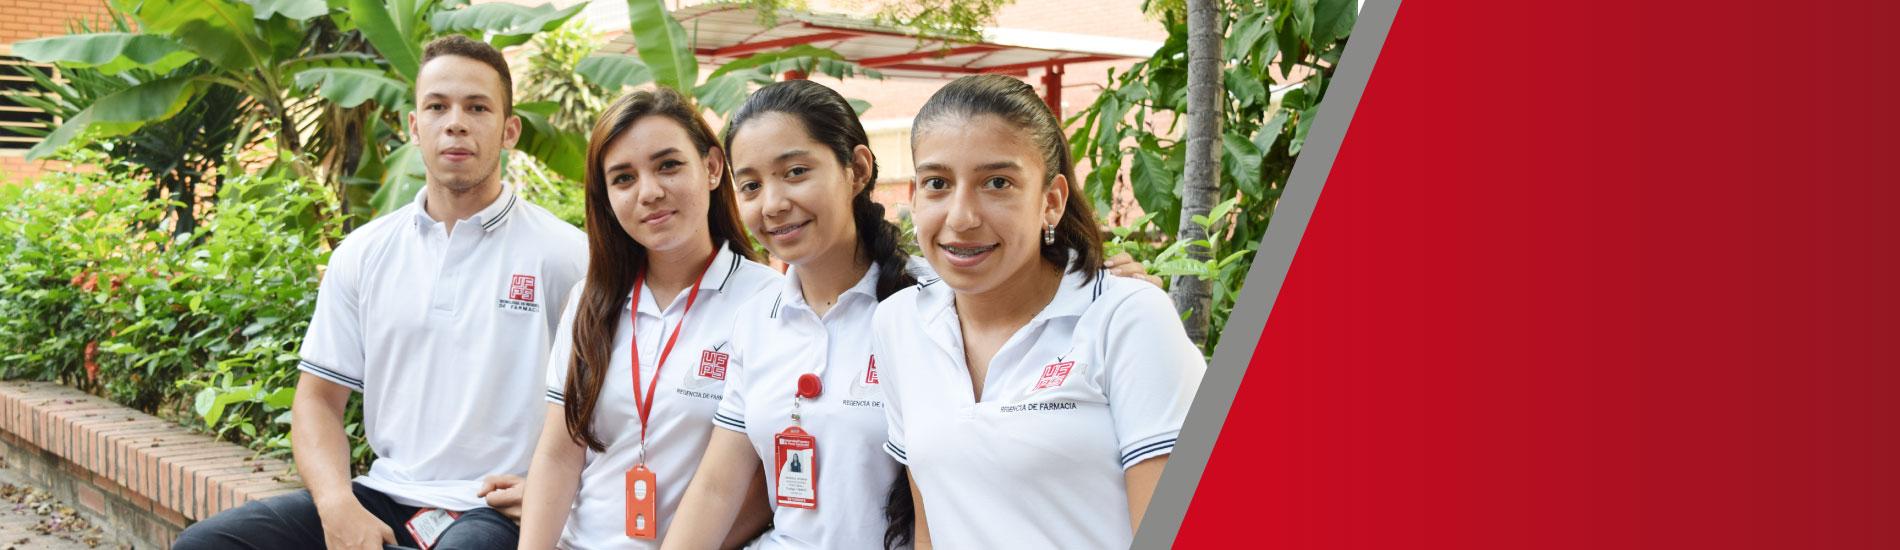 Gestión institucional garantiza Matrícula Cero para los estudiantes UFPS